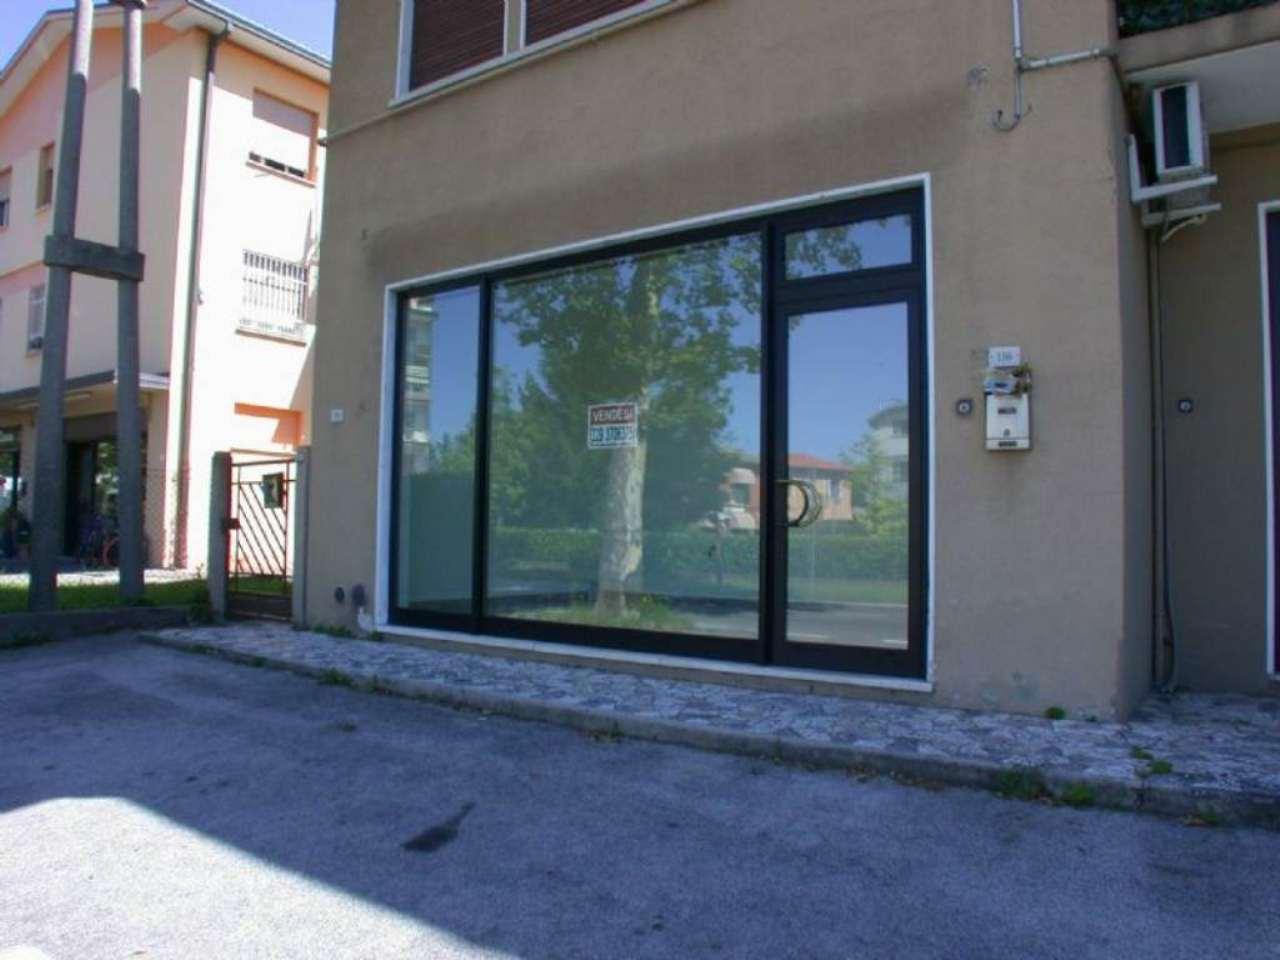 Negozio / Locale in vendita a Treviso, 2 locali, prezzo € 40.000   Cambio Casa.it